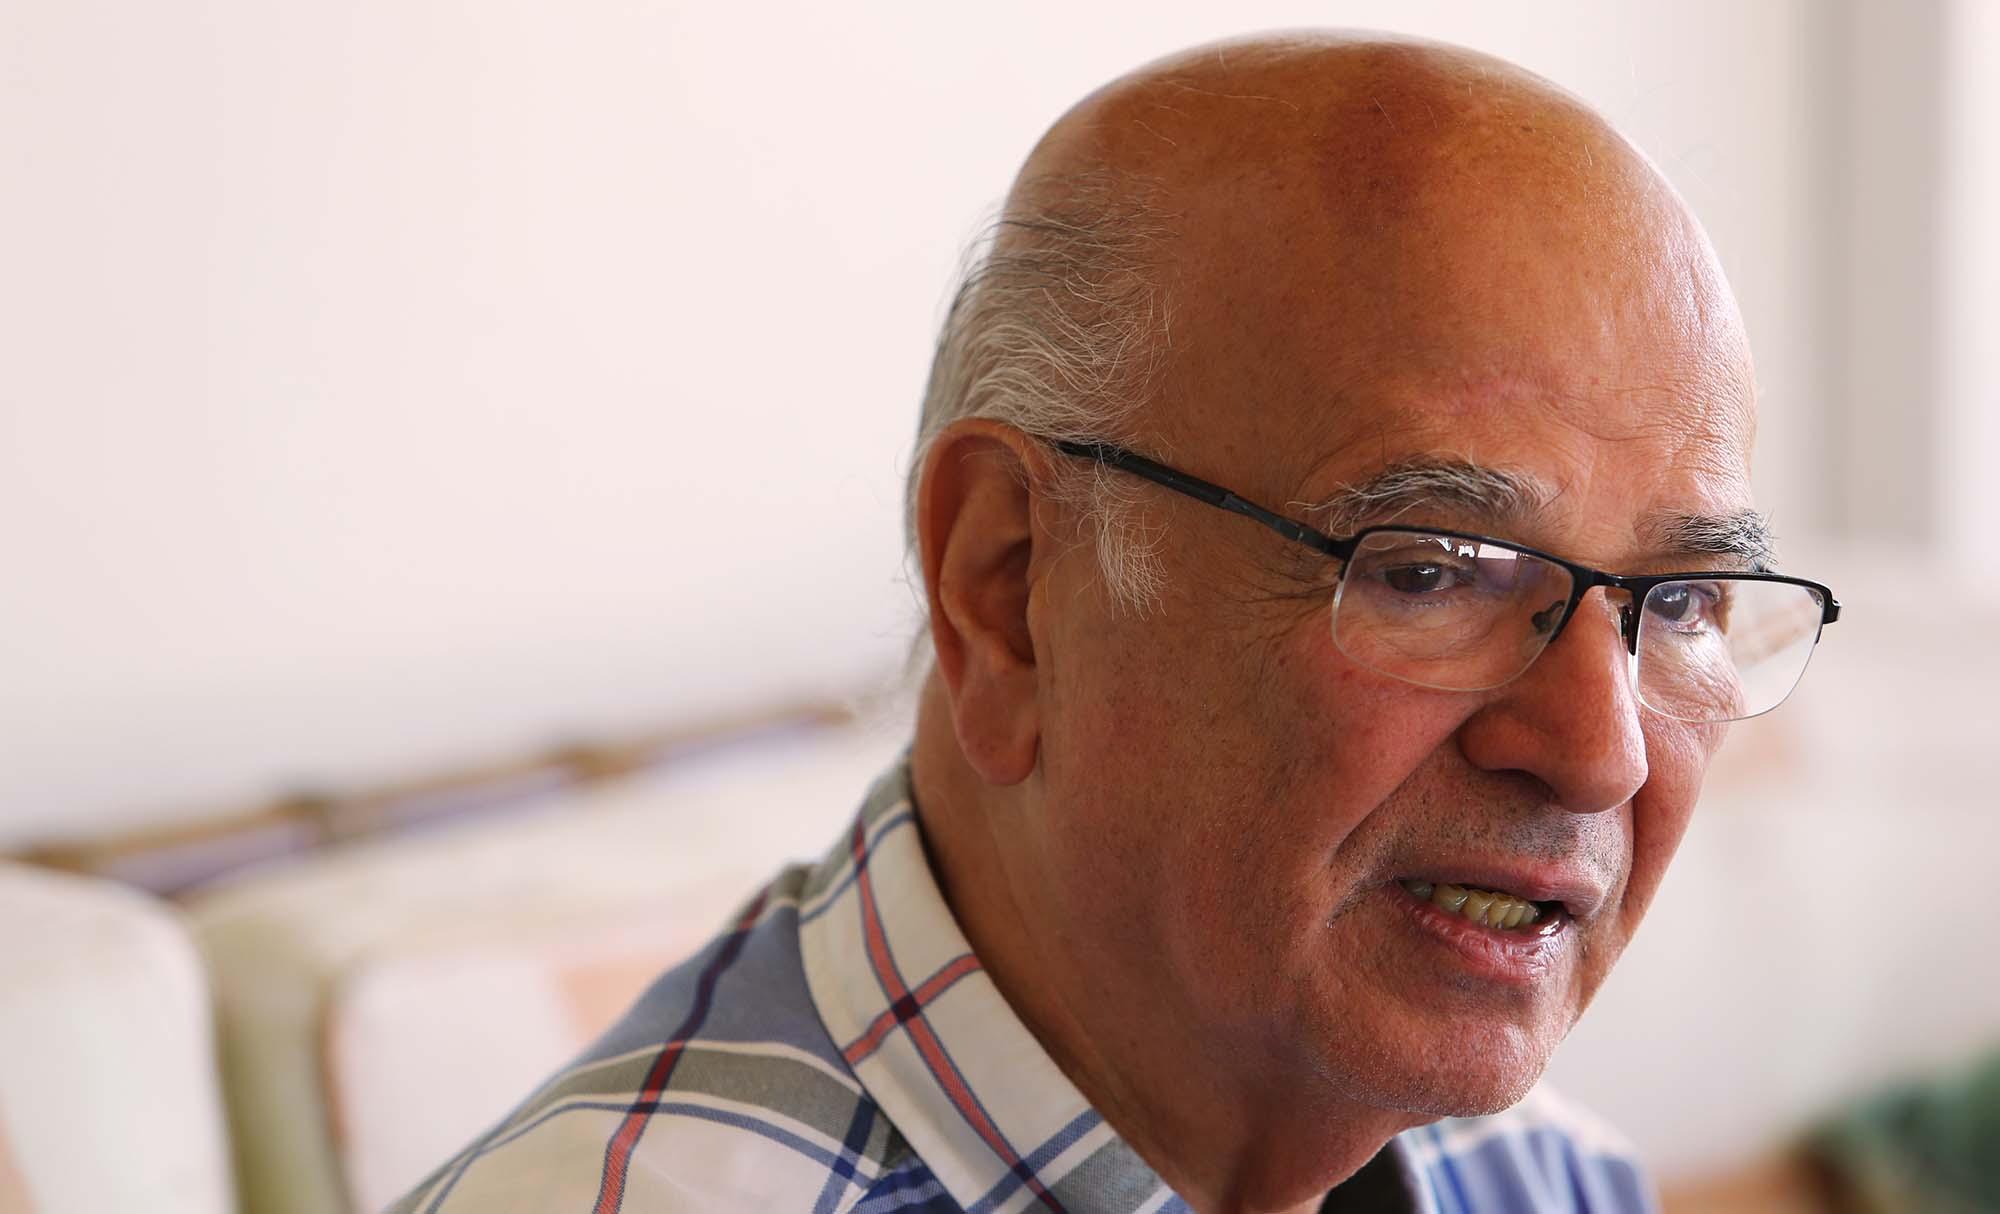 Antonio Morales Erlich